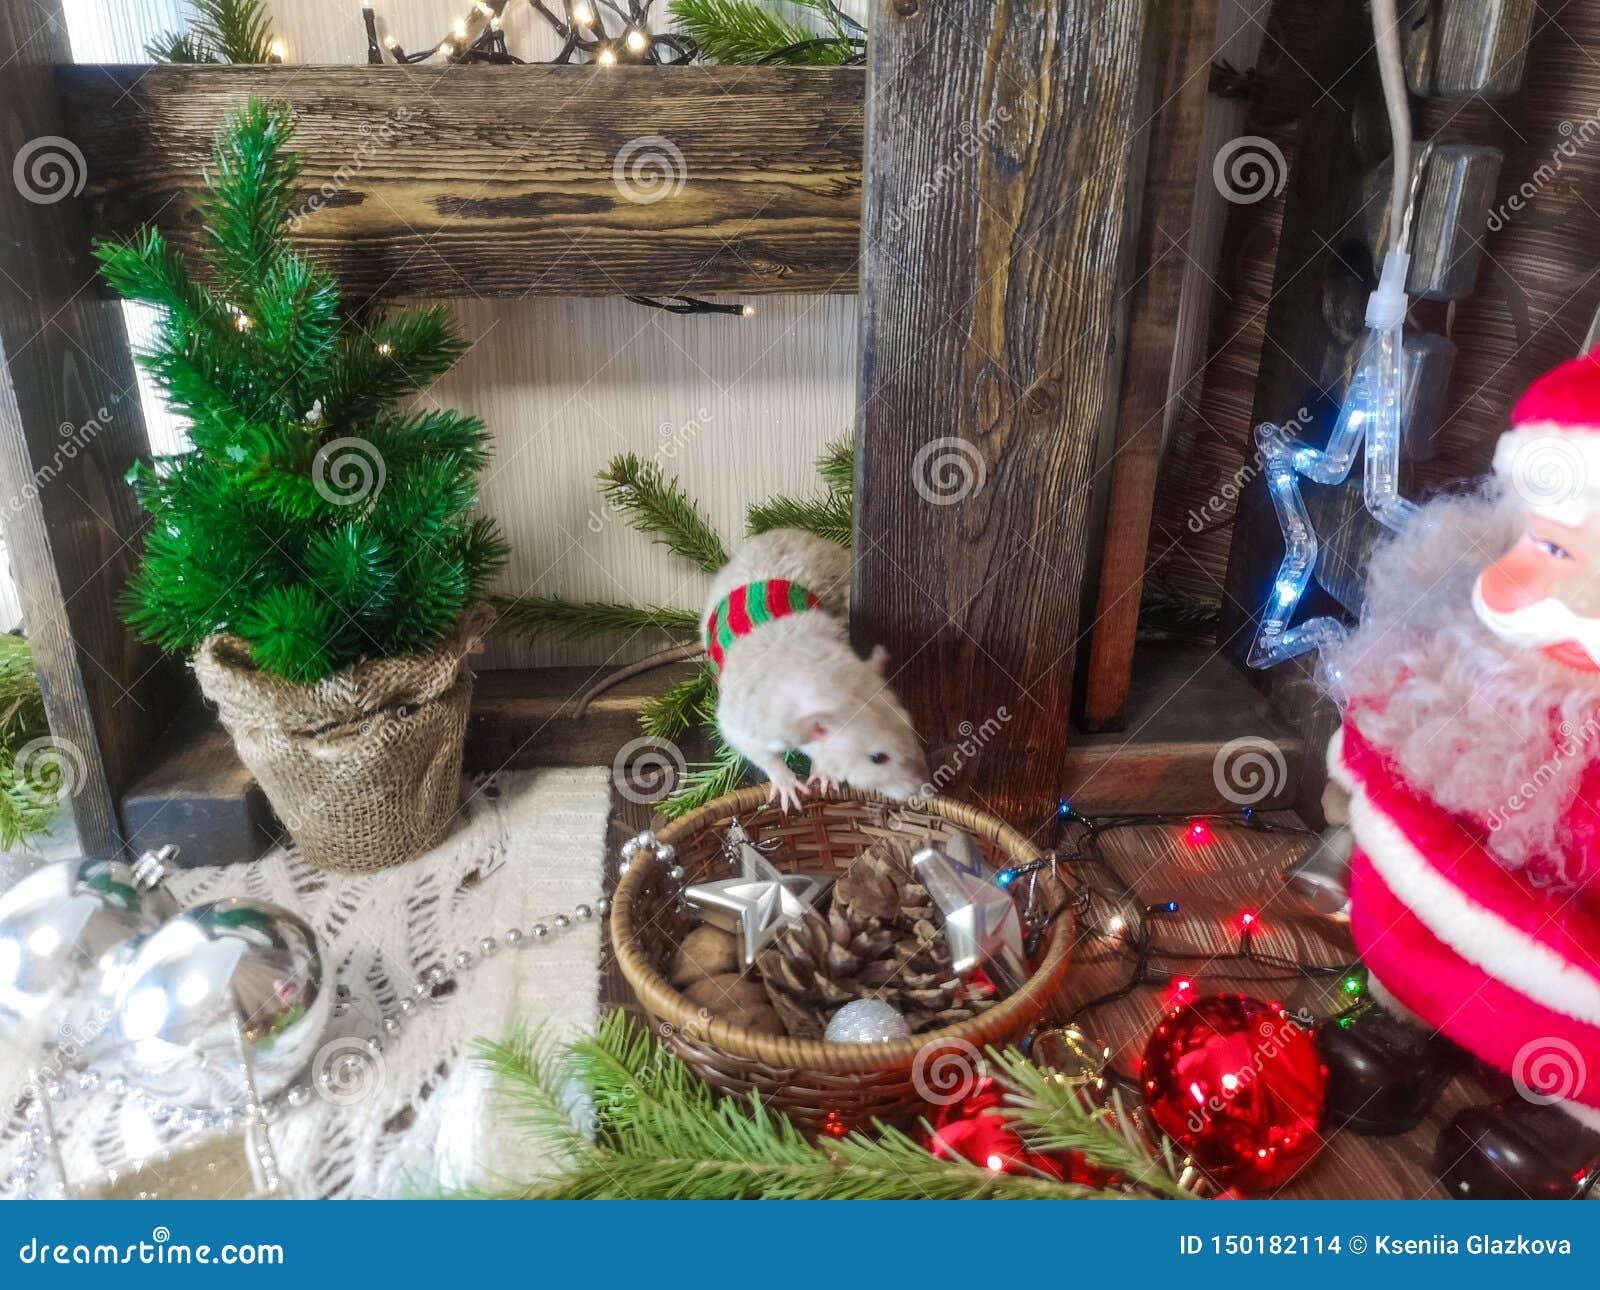 Weihnachtstiere Ratte auf dem Hintergrund von Weihnachtsdekorationen